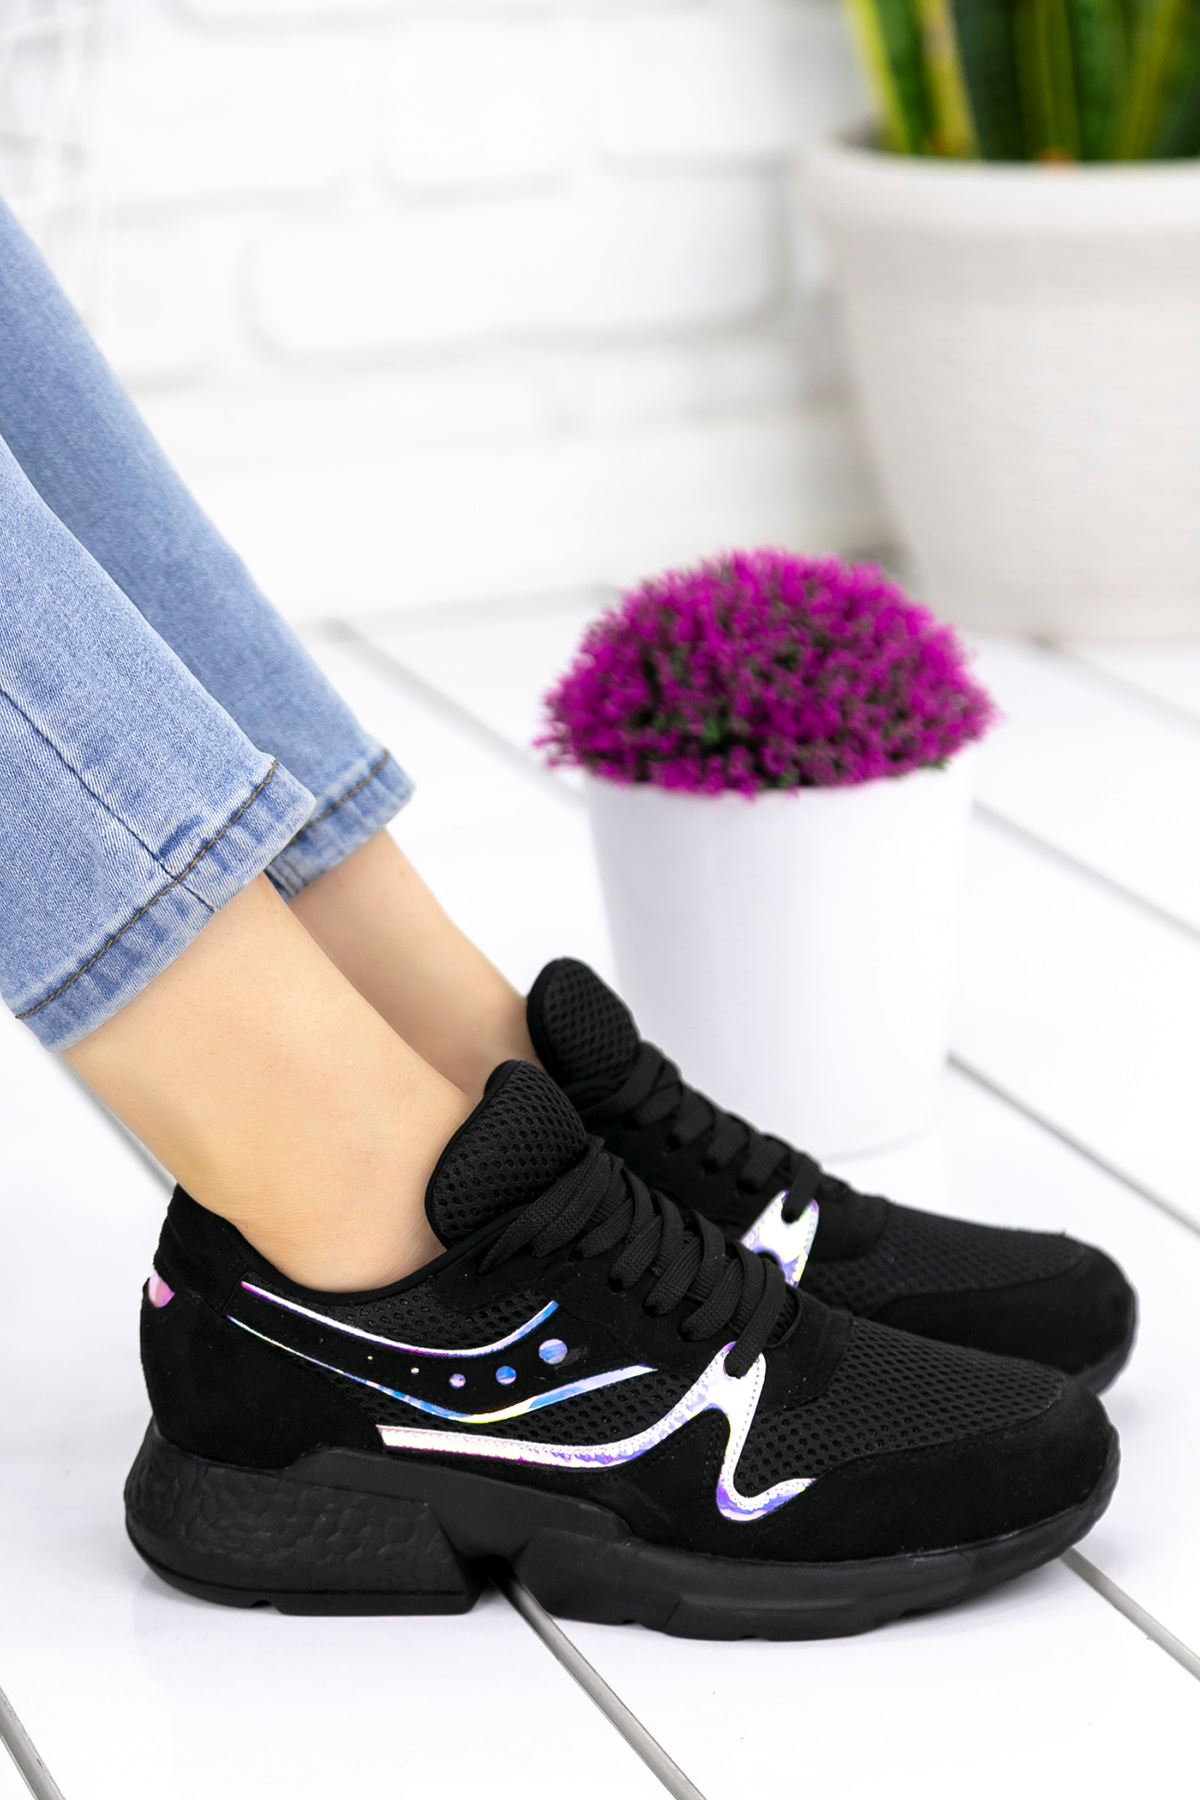 Marzo Siyah Hologramlı Lame İthal Süet Bayan Spor Ayakkabı